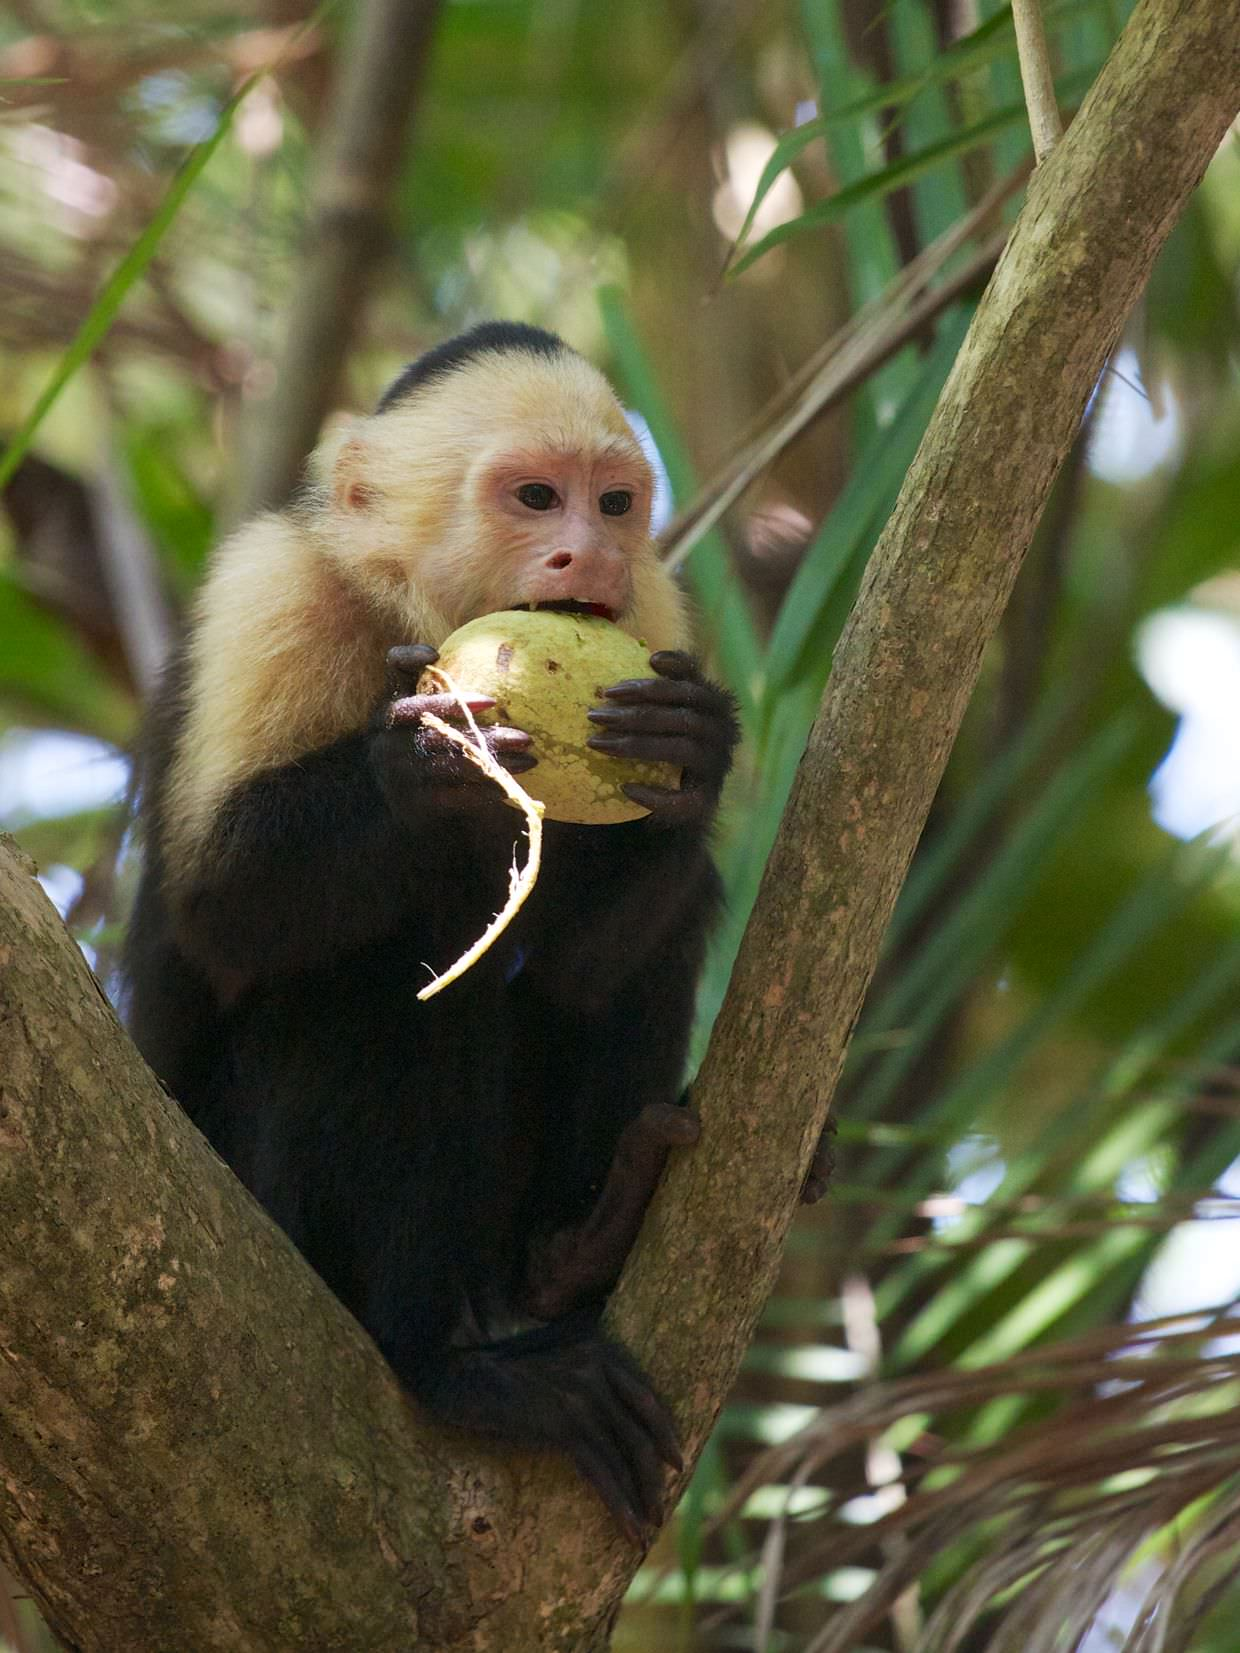 Hungry Capuchin monkey